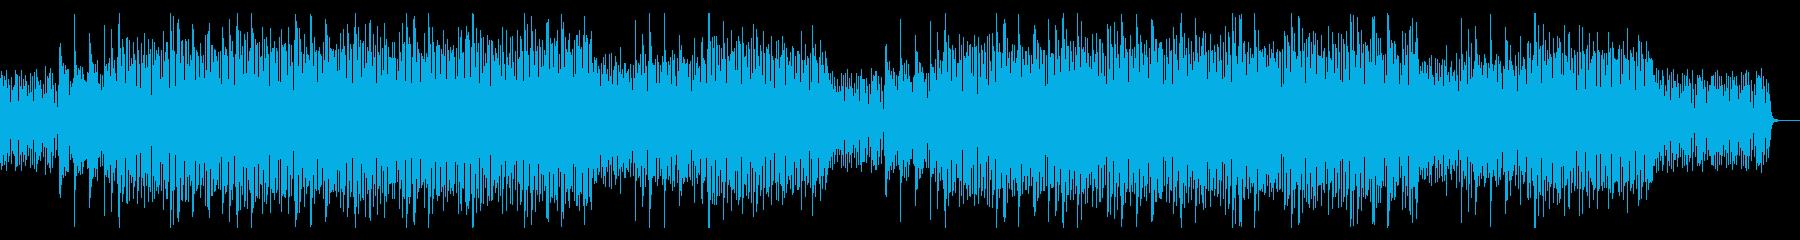 独特なリズムの、透明感があるEDMの再生済みの波形